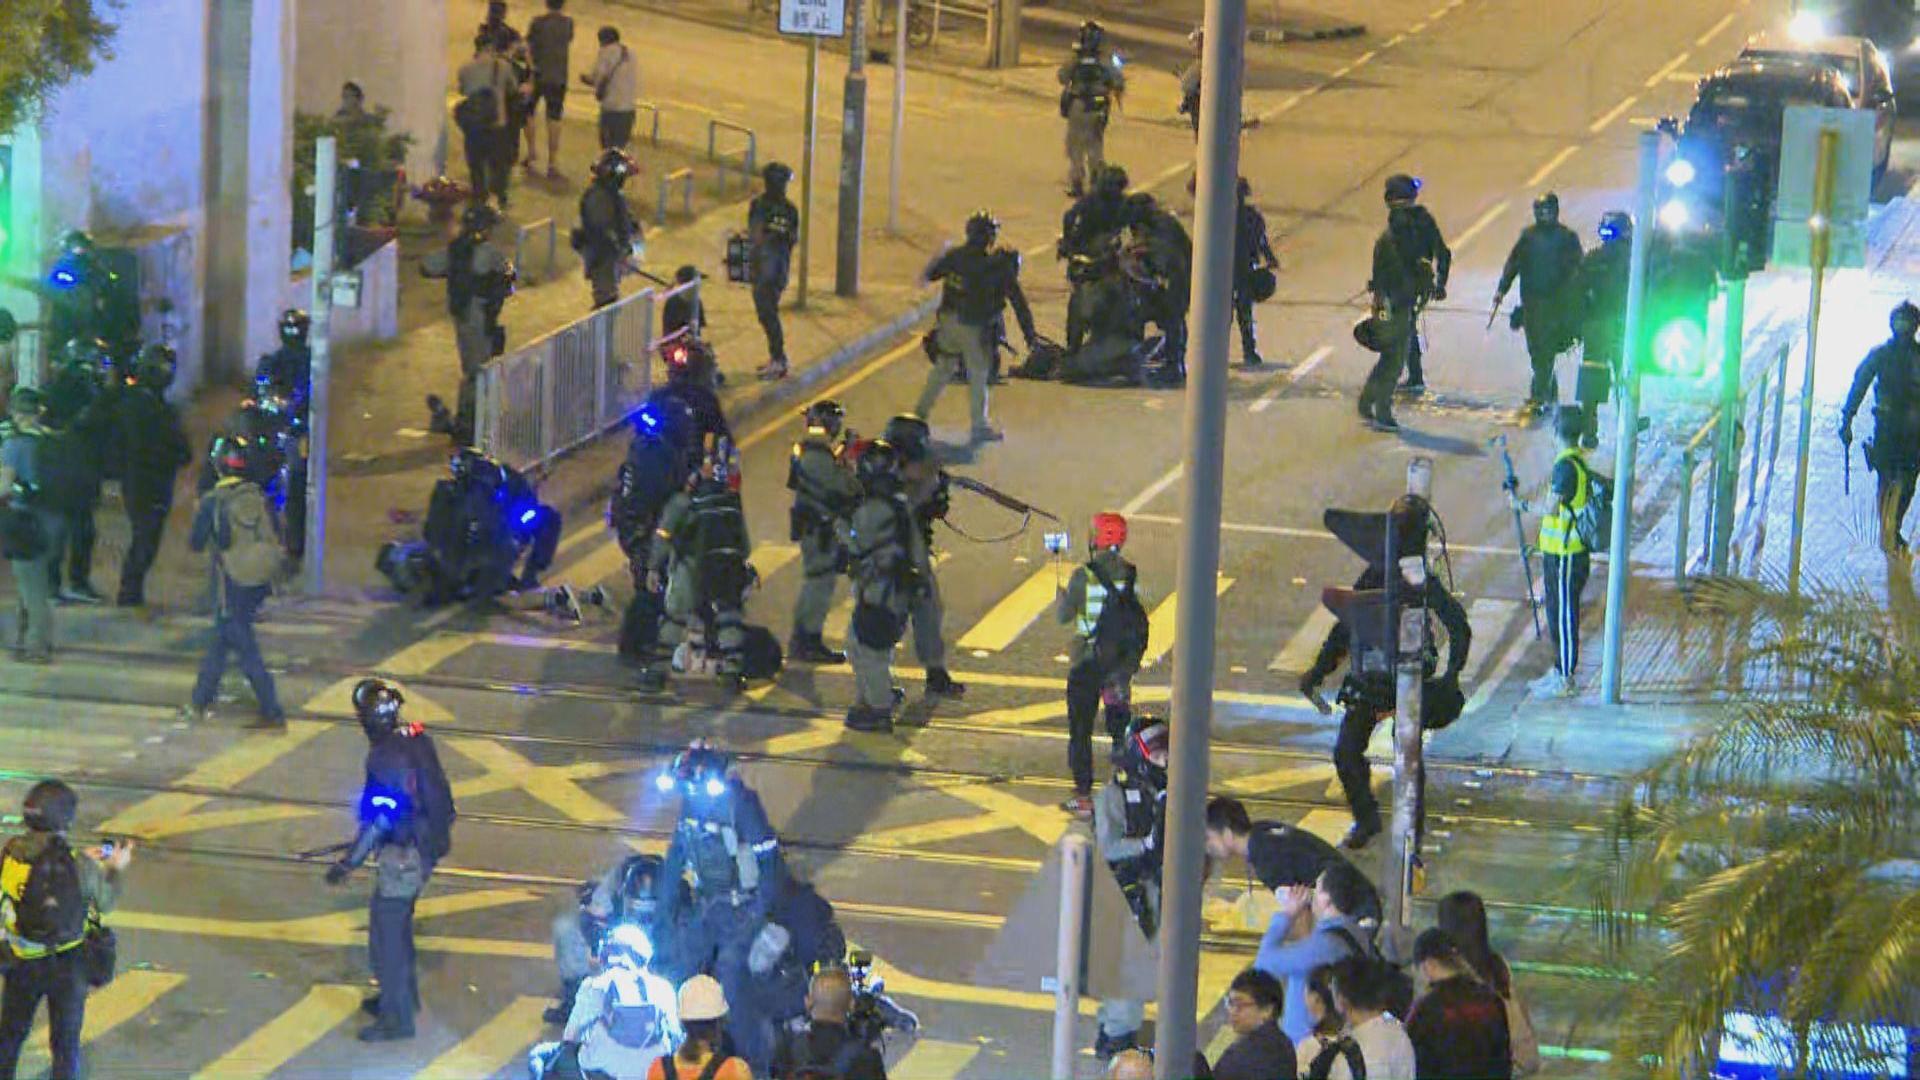 有群眾於屯門大興行動基地聚集 多人被捕